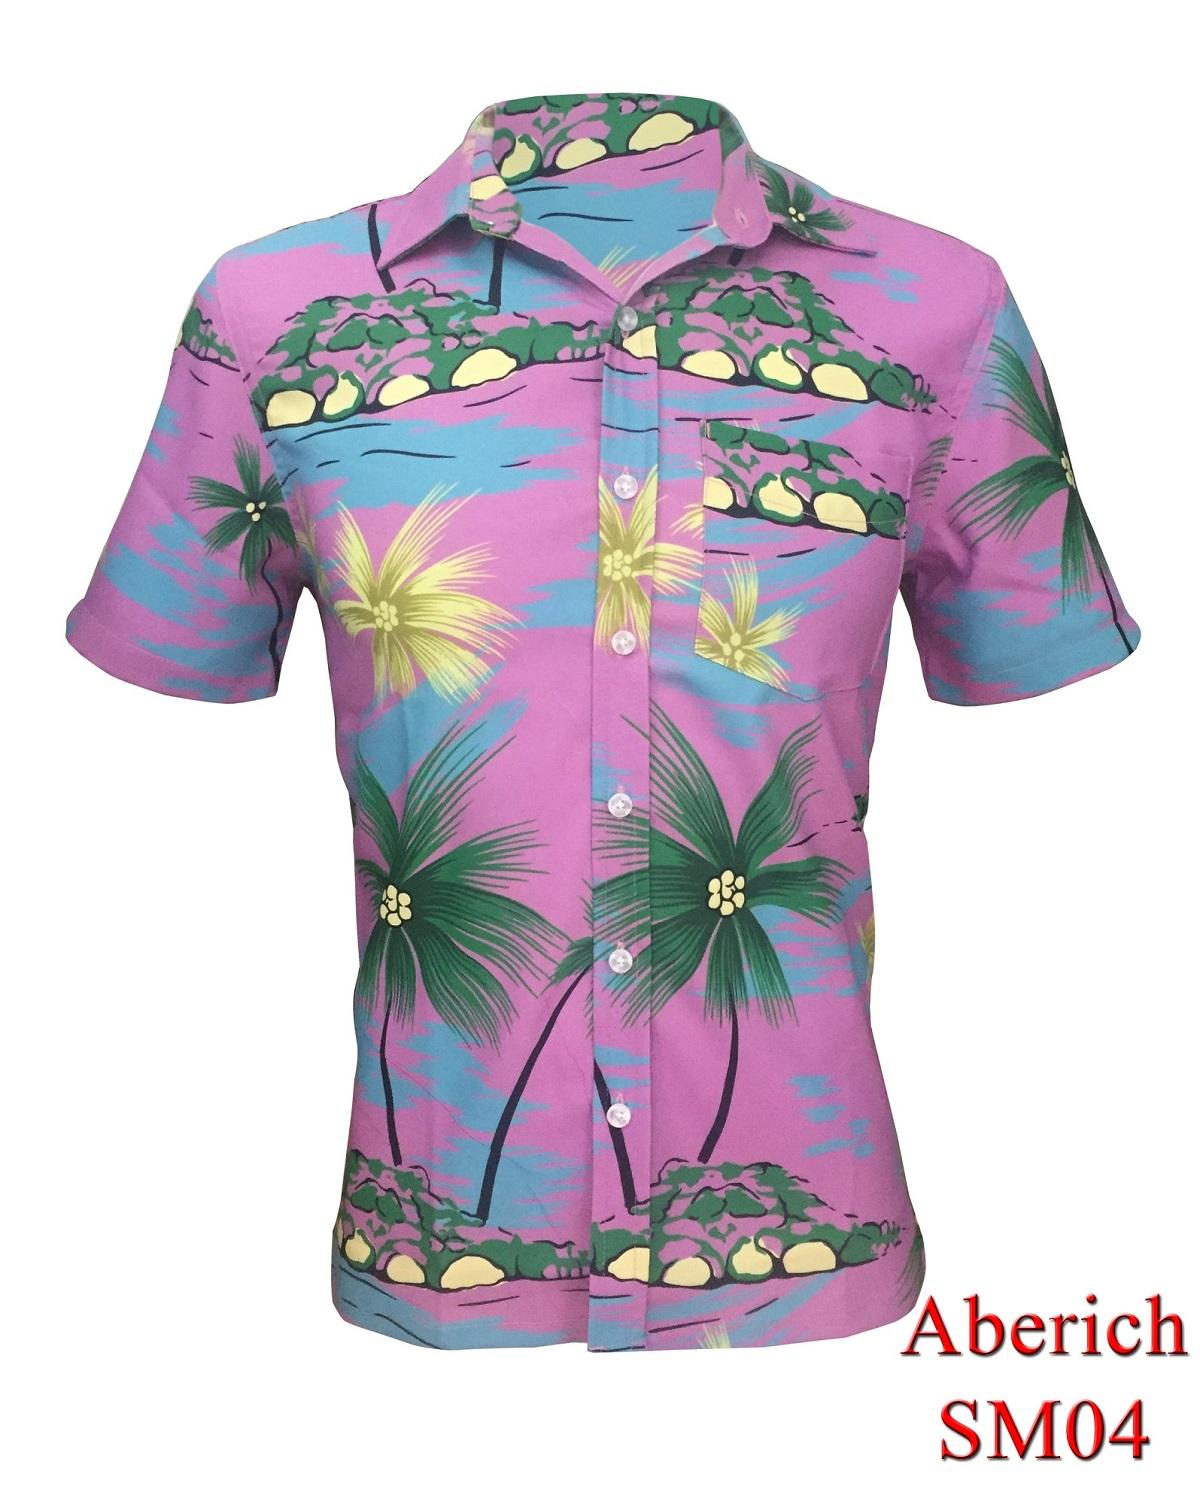 Áo sơ mi họa tiết Hawaii đi biển Aberich SM04